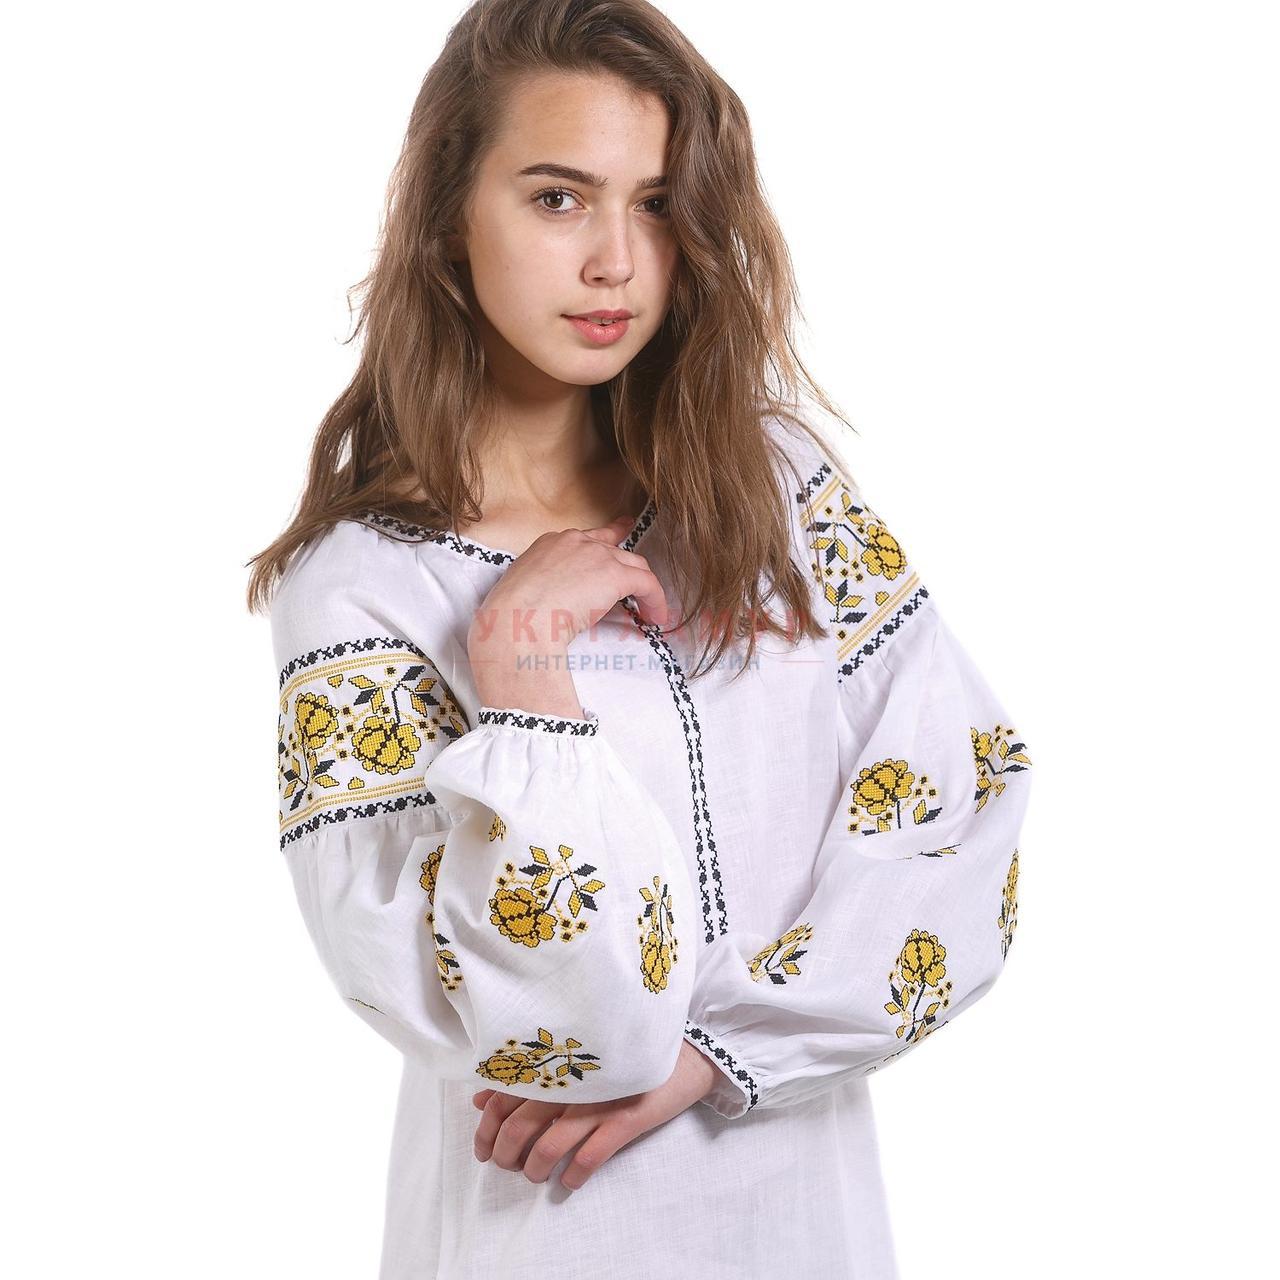 f27c28f16f2 Купить Женское вышитое белое платье с желтой вышивкой в Киеве